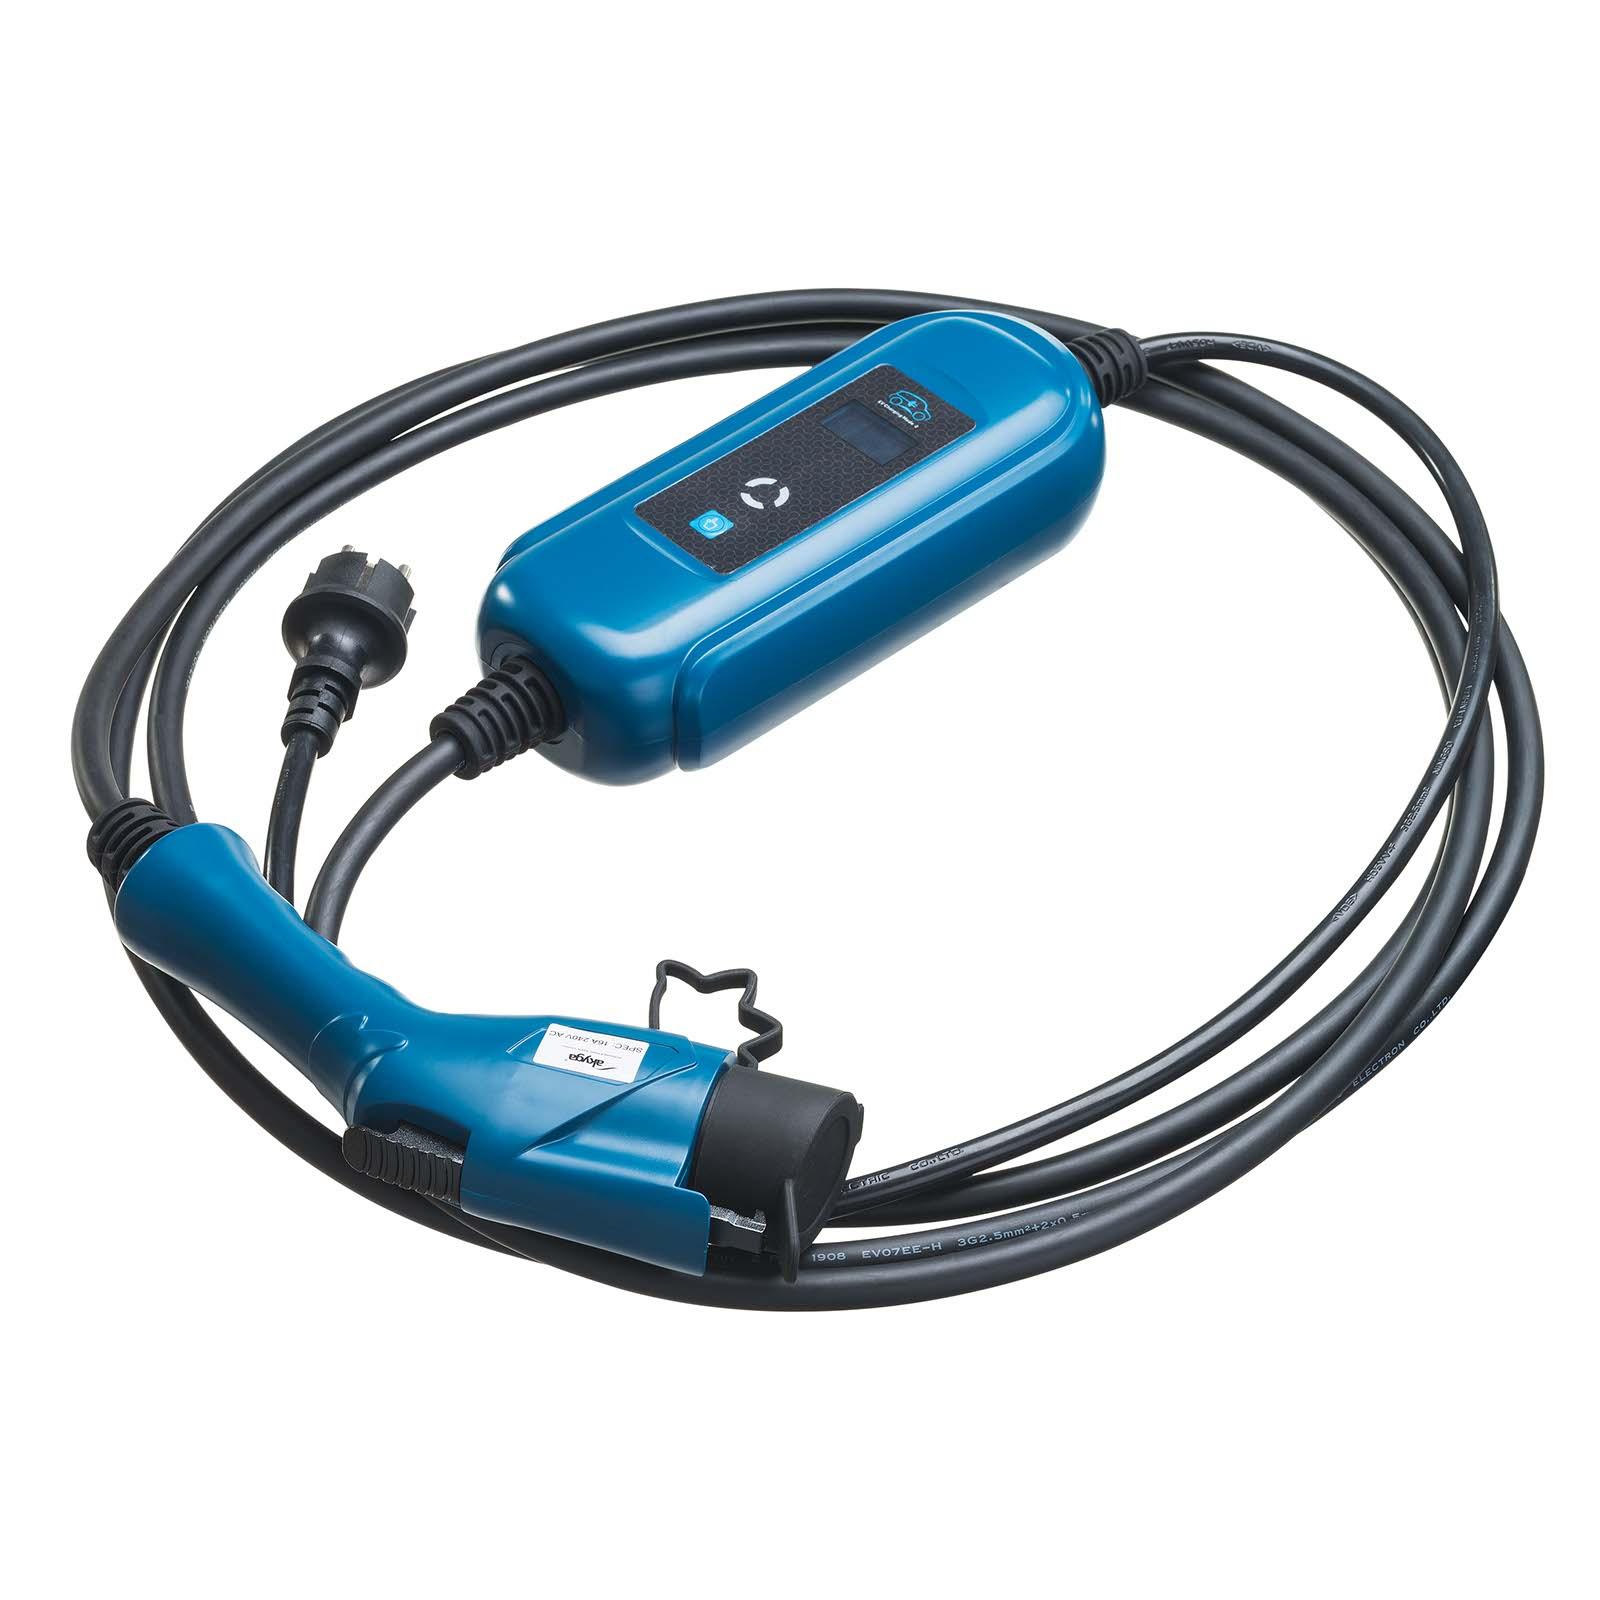 tipo 2 al tipo 1 16A Coche eléctrico//ev Cable de carga Mitsubishi Outlander 10m